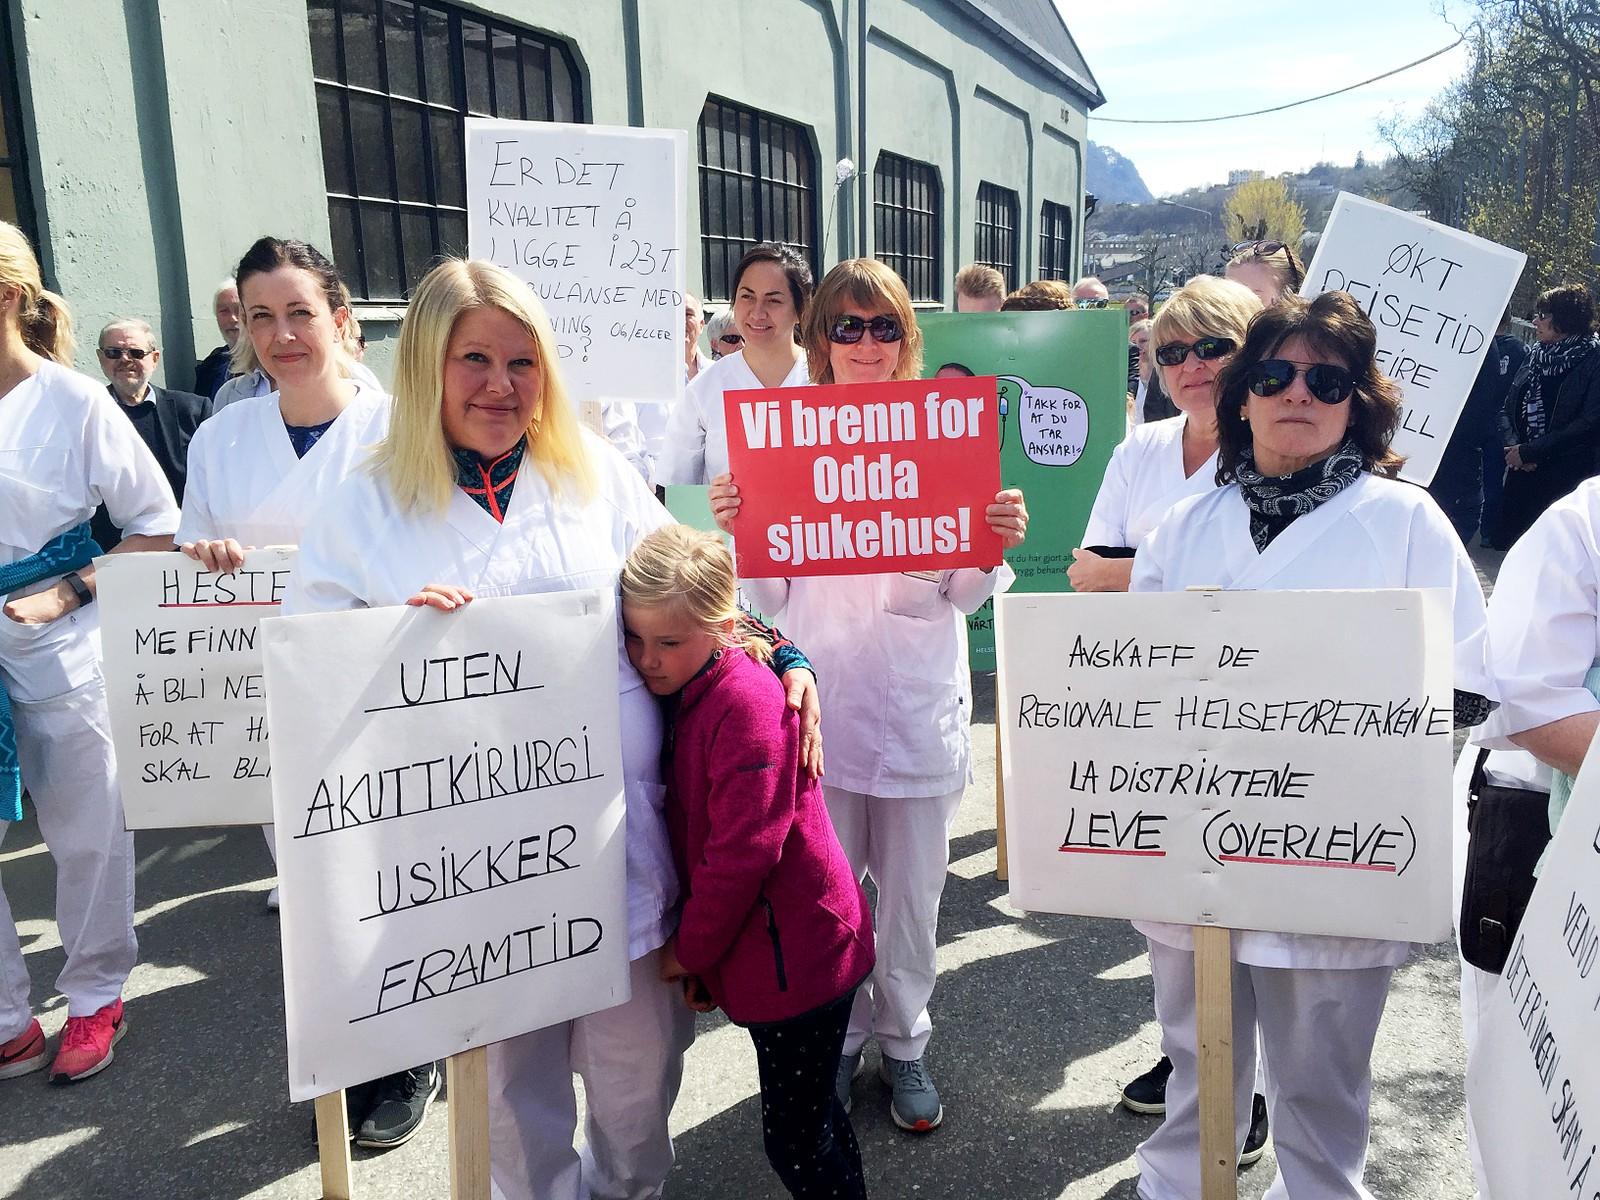 Ansatte ved Odda sykehus protesterer mot nedlegging av akuttkirurgien.